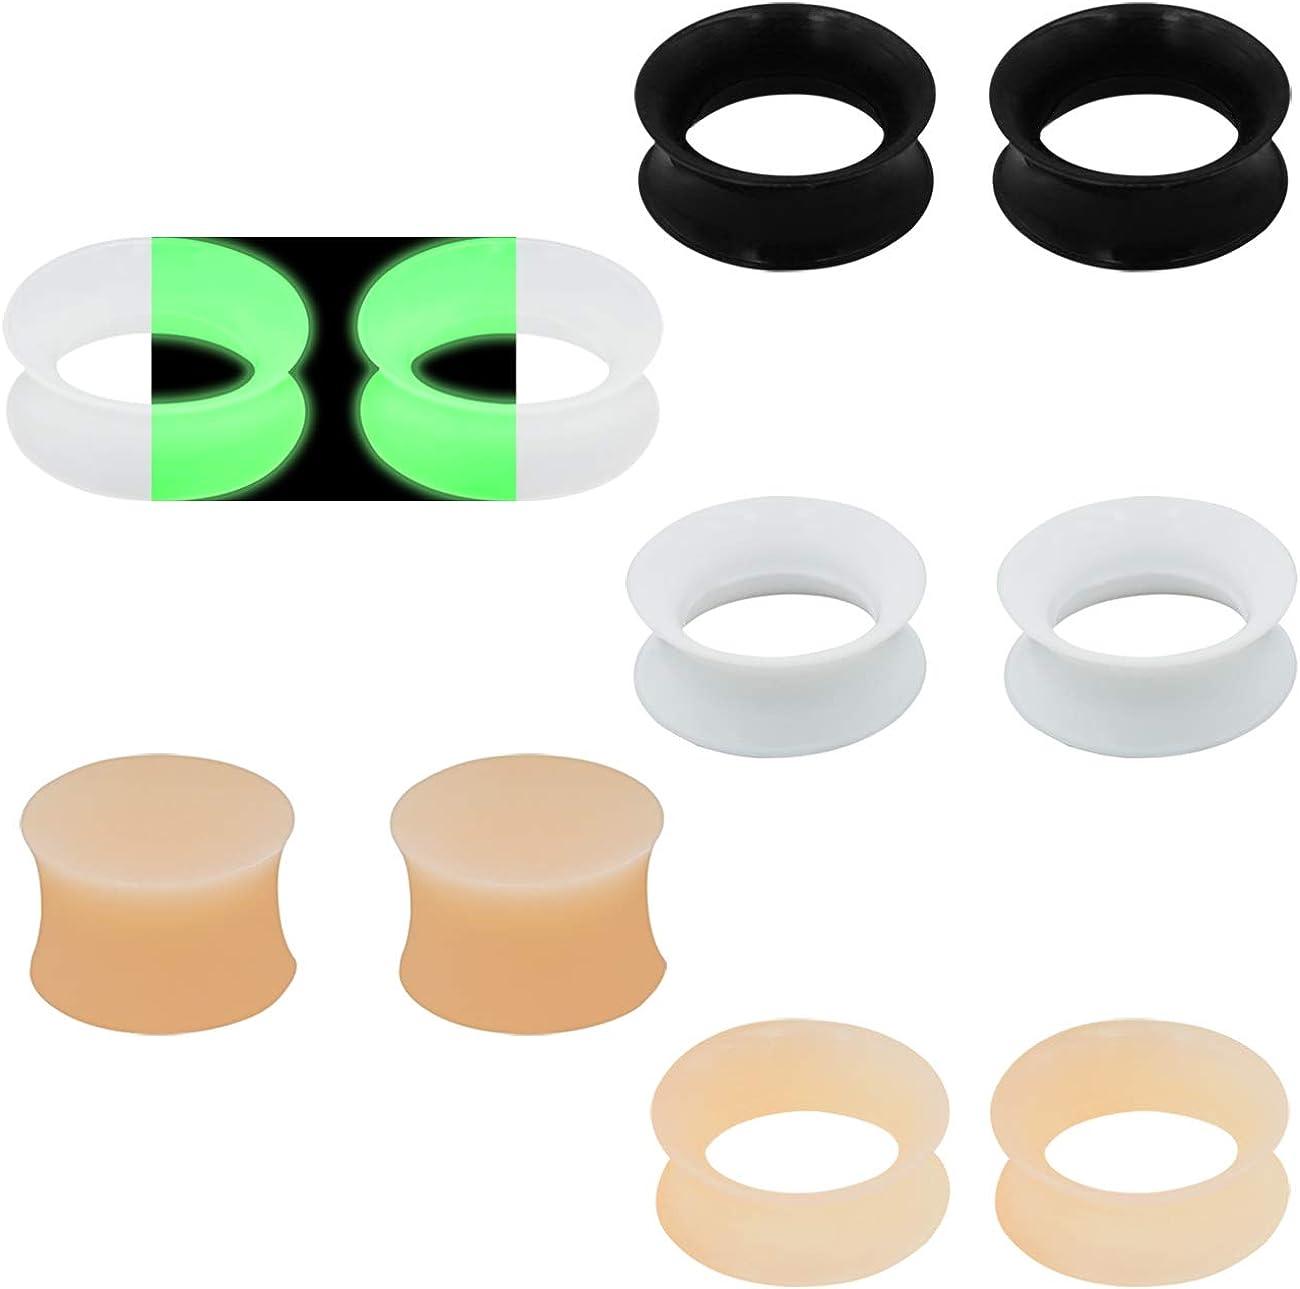 Ear Flesh Tunnel Piercing Thin Soft Flexible Silicone Body Jewellery4-20 mm